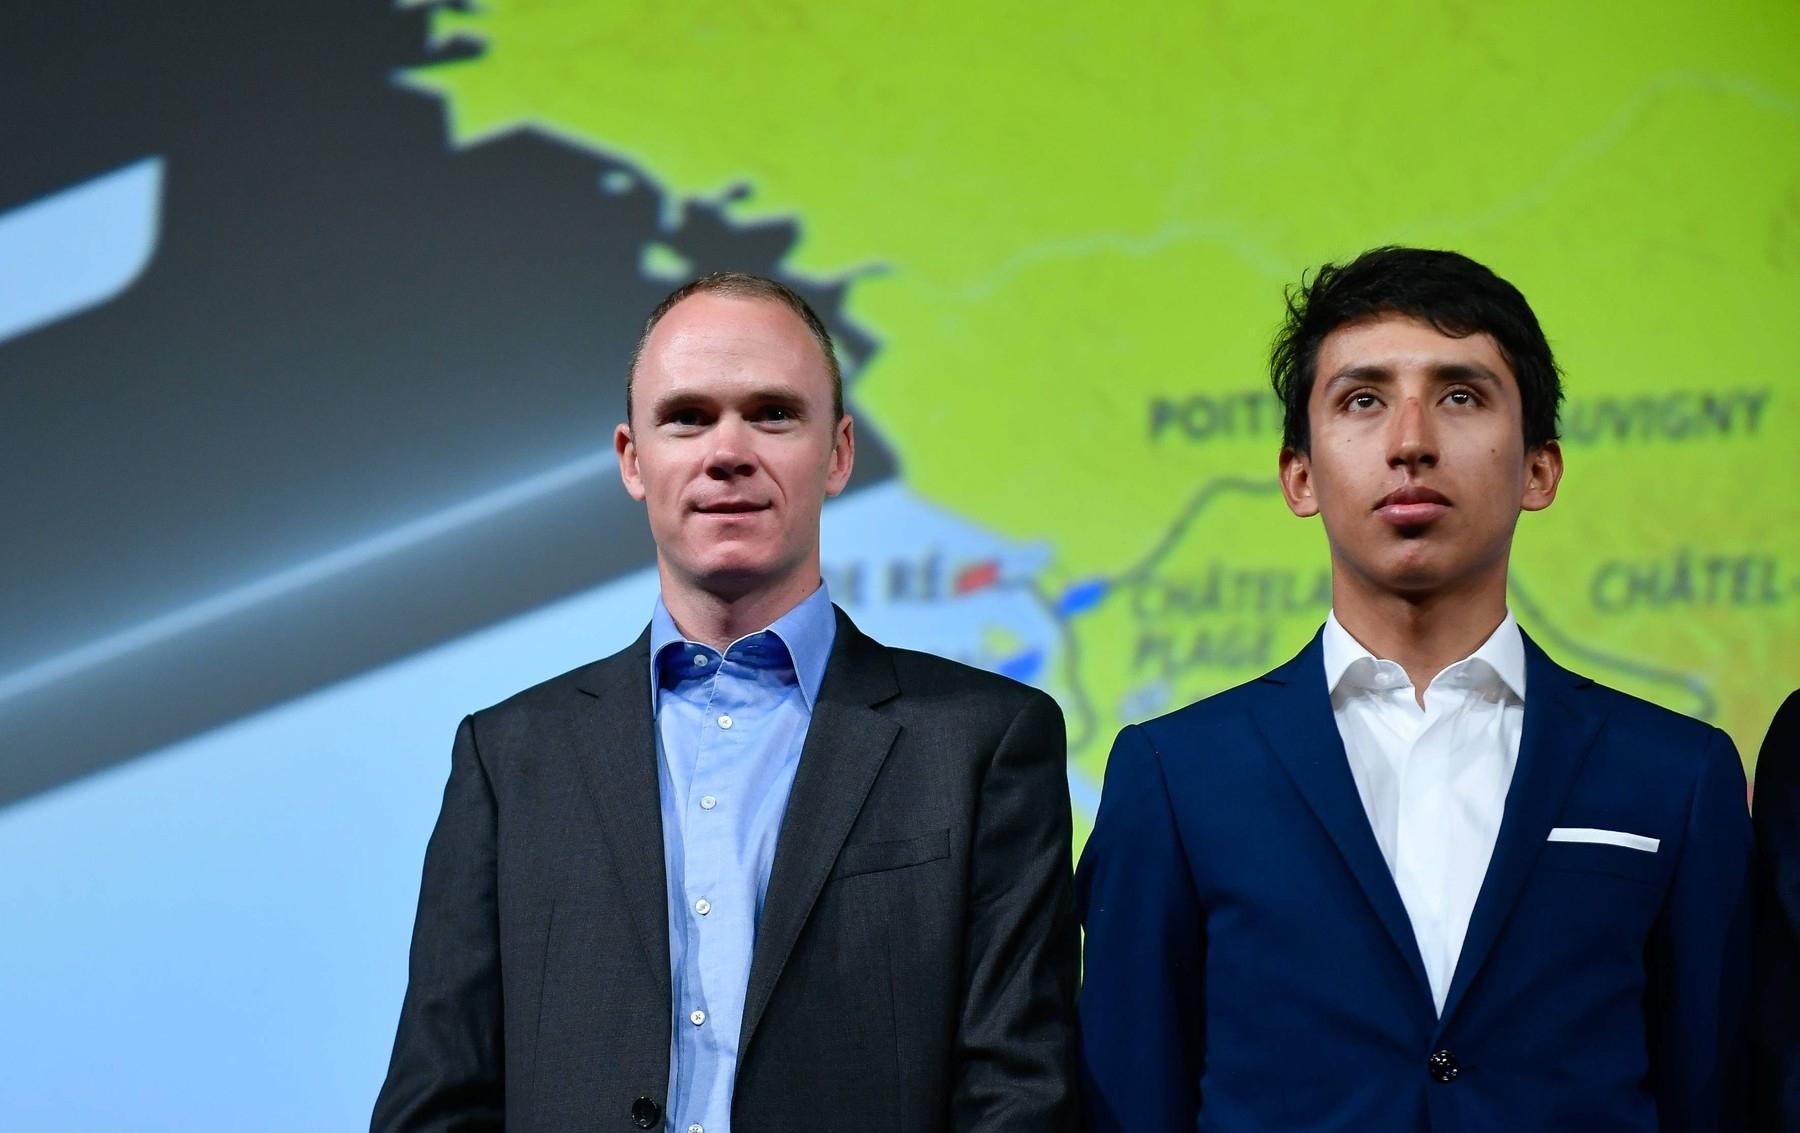 Kolegové a současně rivalové. Chris Froome (vlevo), čtyřnásobný vítěz Tour de France, a Egan Bernal, obhájce prvenství ze Staré dámy. Foto: profimedia